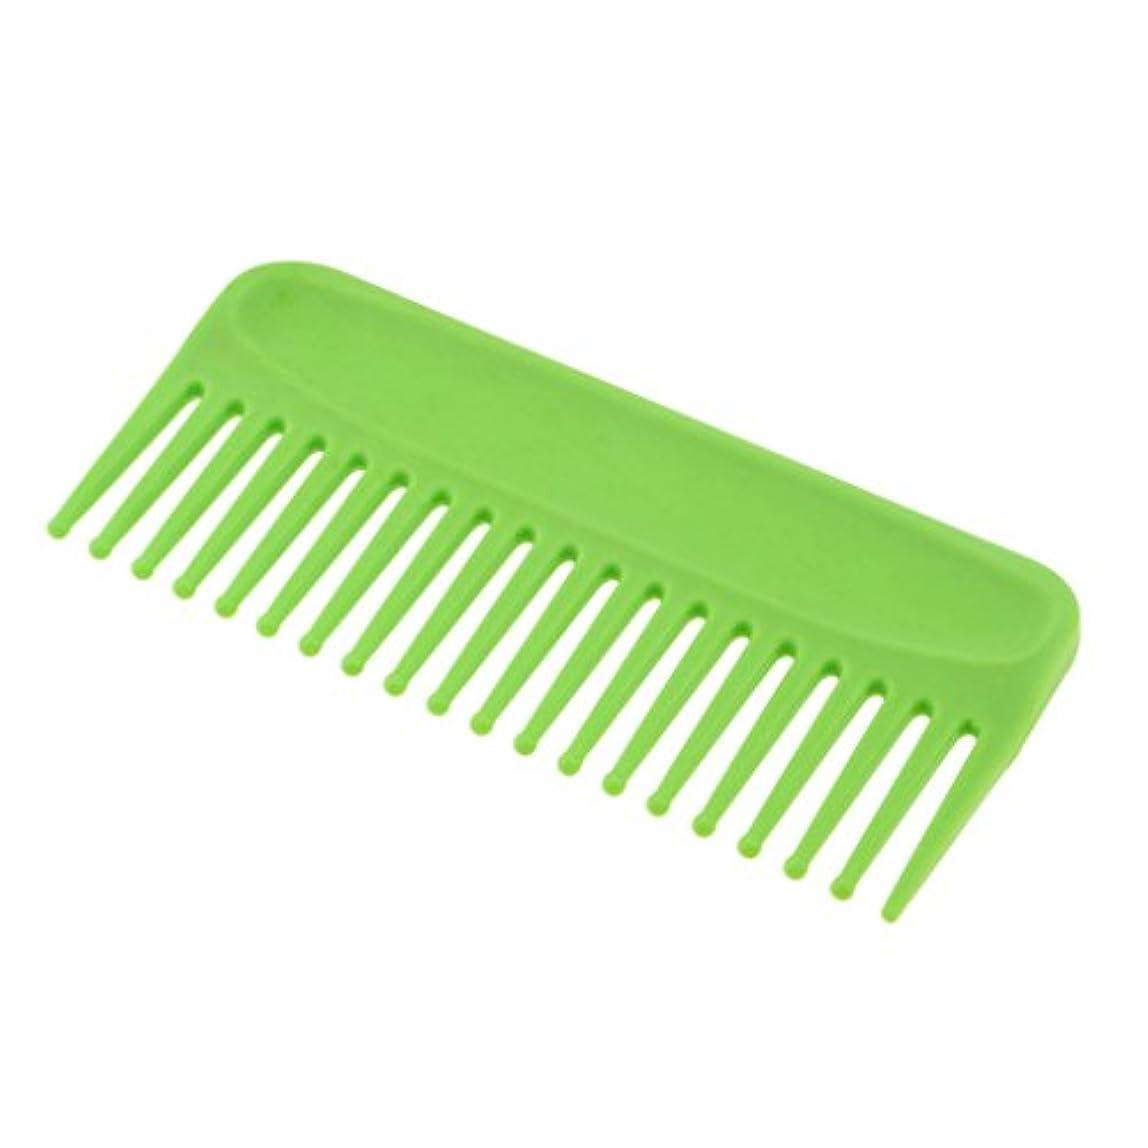 レッドデート水っぽい手数料Baosity ヘアコーム コーム くし 頭皮 マッサージ 耐熱性 帯電防止 プラスチック性 ヘアスタイリング 4色選べる - 緑